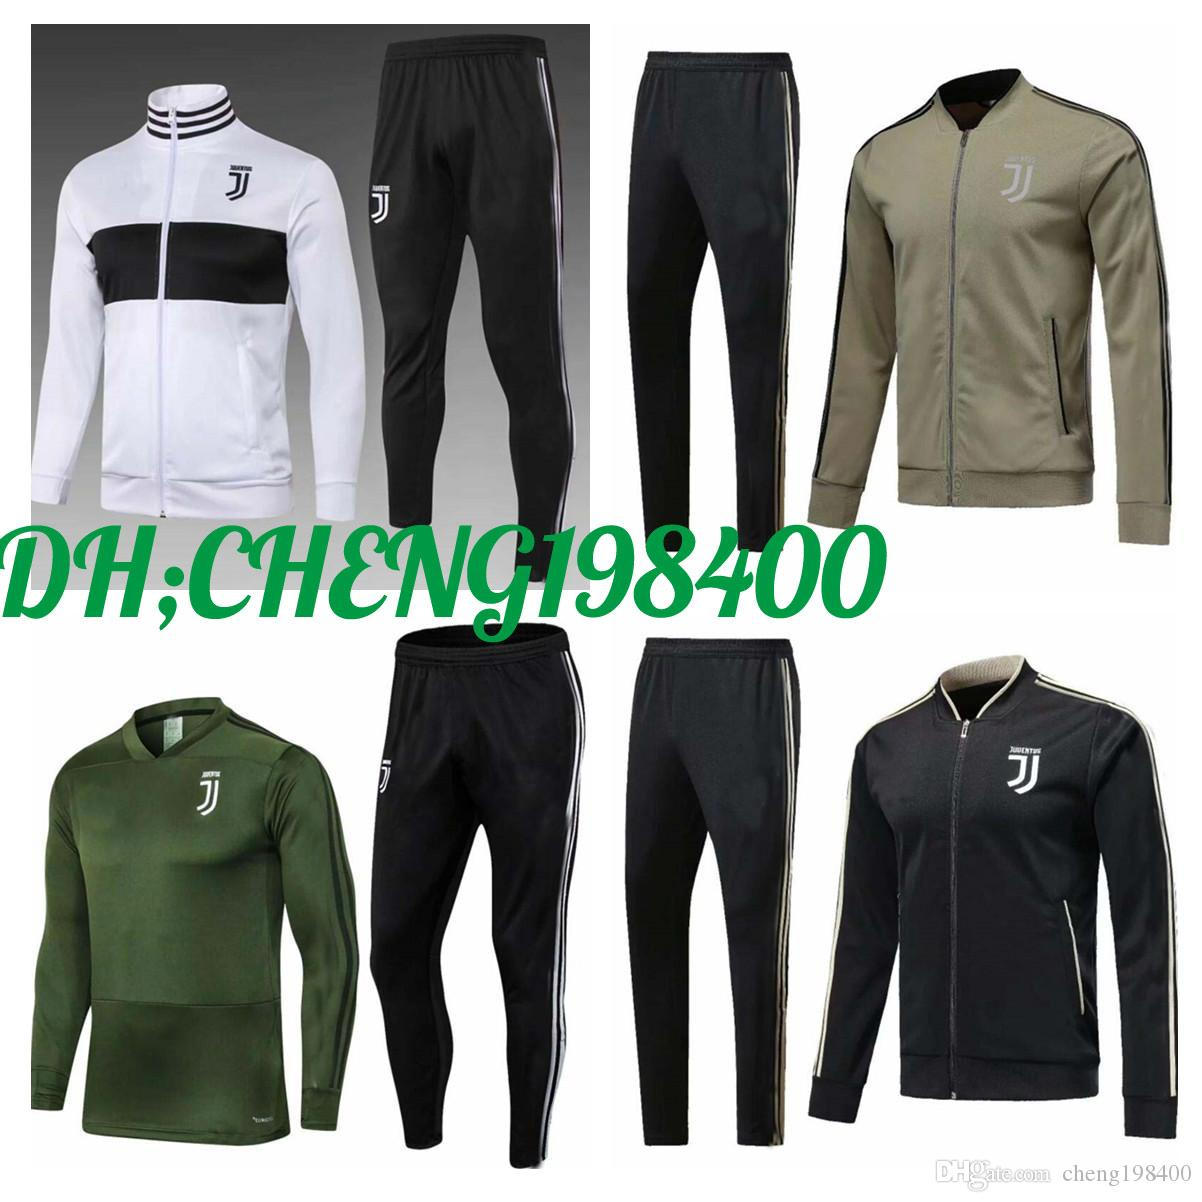 tenue de foot Juventus Vestes